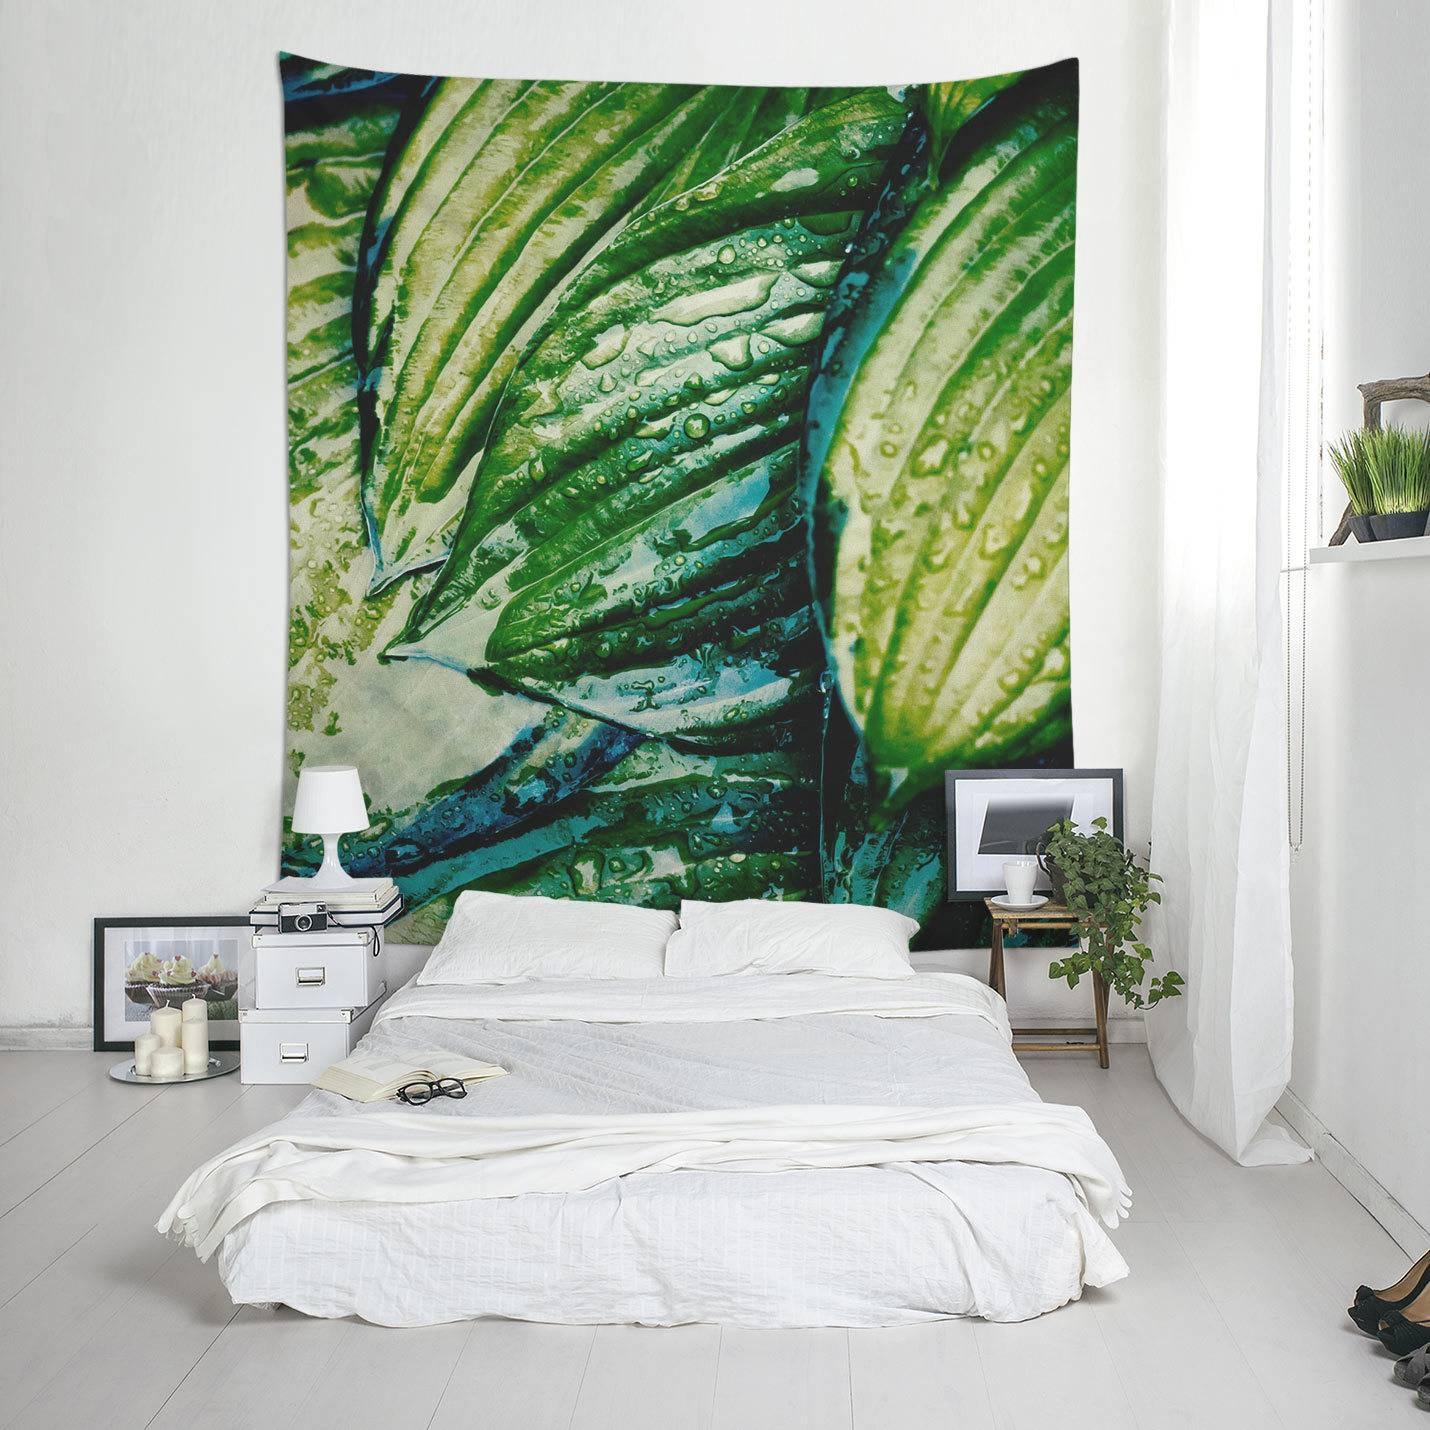 Bedroom Design : Amazing 3d Wall Decals Bedroom Wall Ideas Bedroom Inside Most Popular Bedroom 3d Wall Art (View 7 of 20)